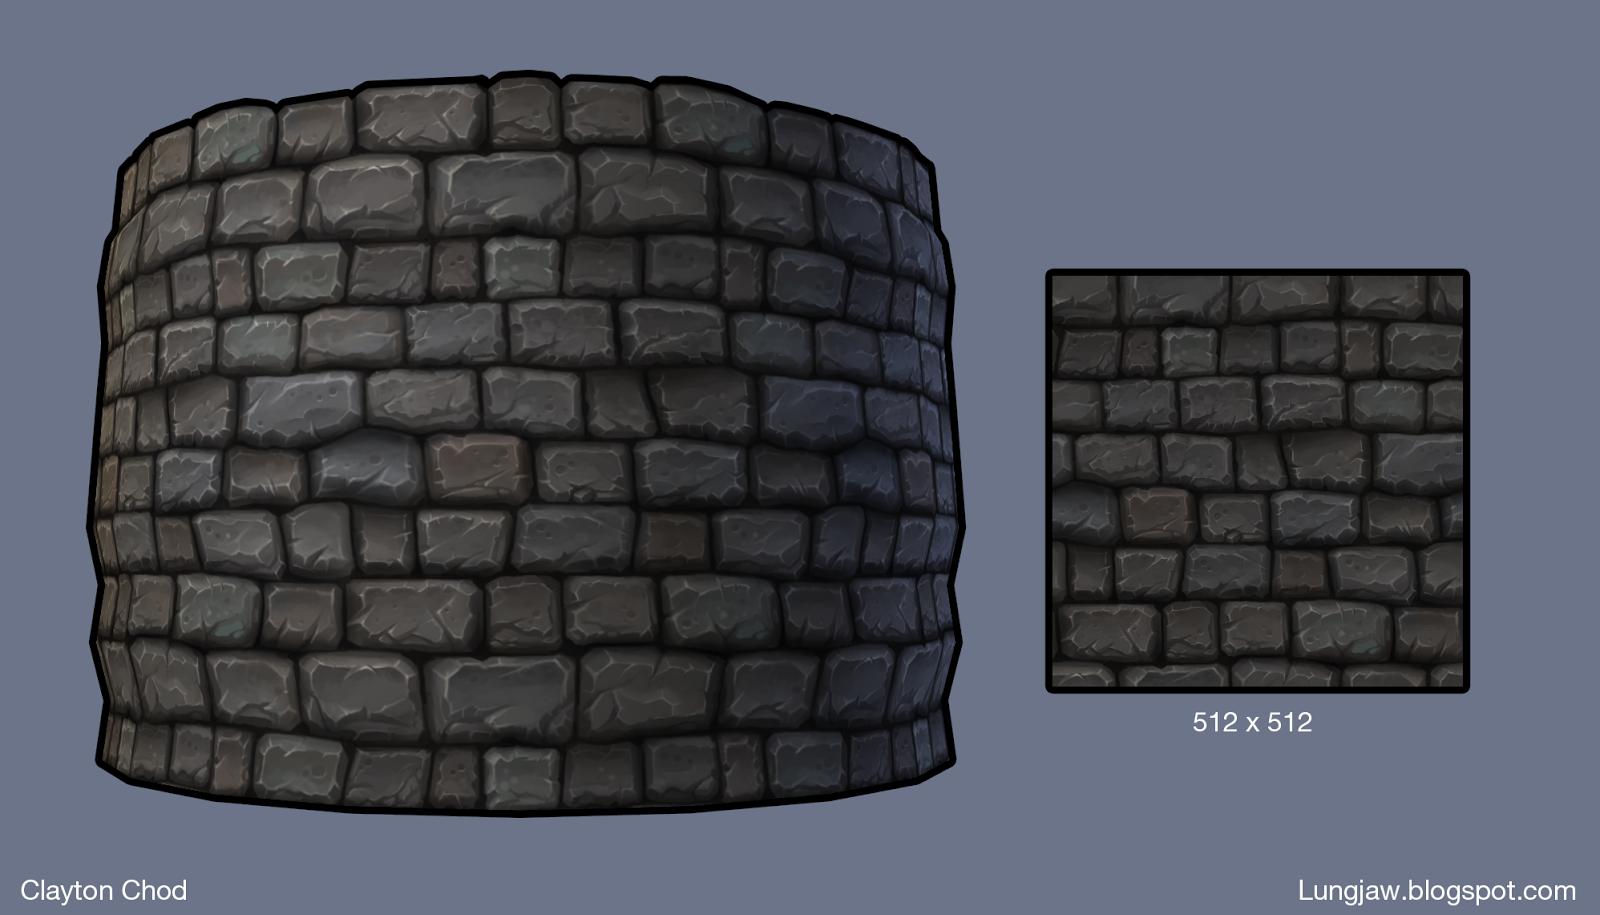 tiling_bricks_contact.png